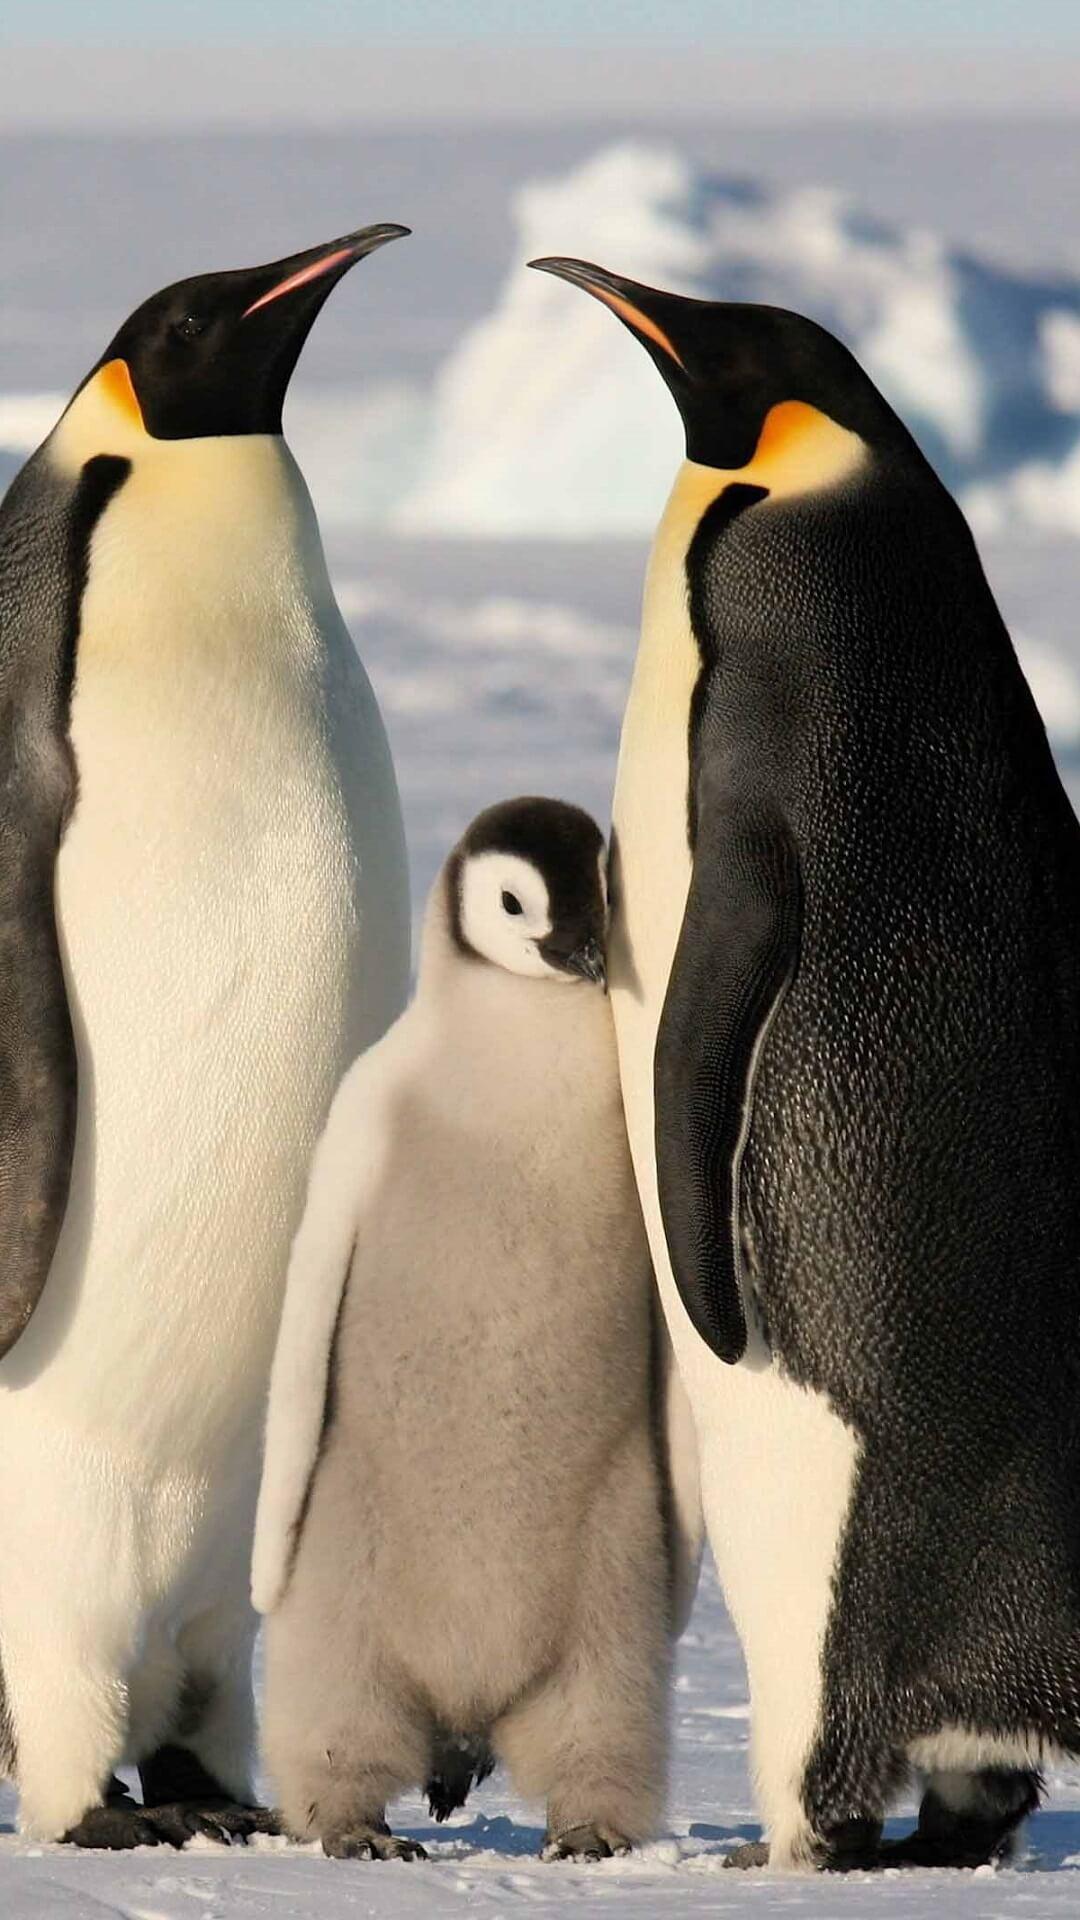 صورة لطيور البطريق ! - صفحة 2 Screen-6.jpg?fakeurl=1&type=